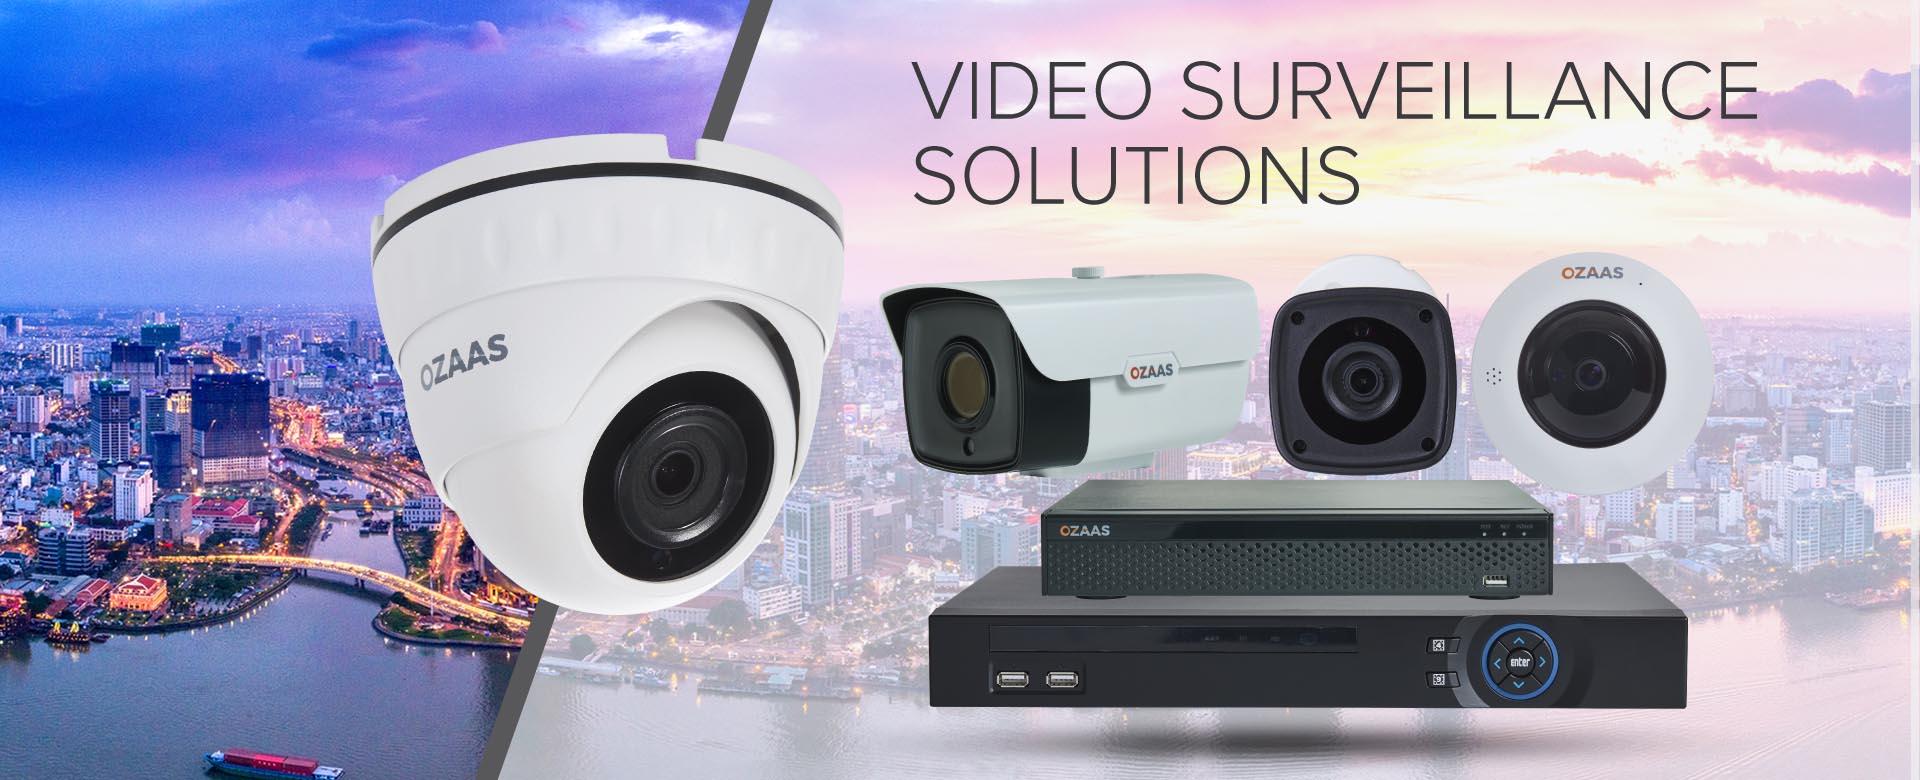 Ozaas Video Survellience